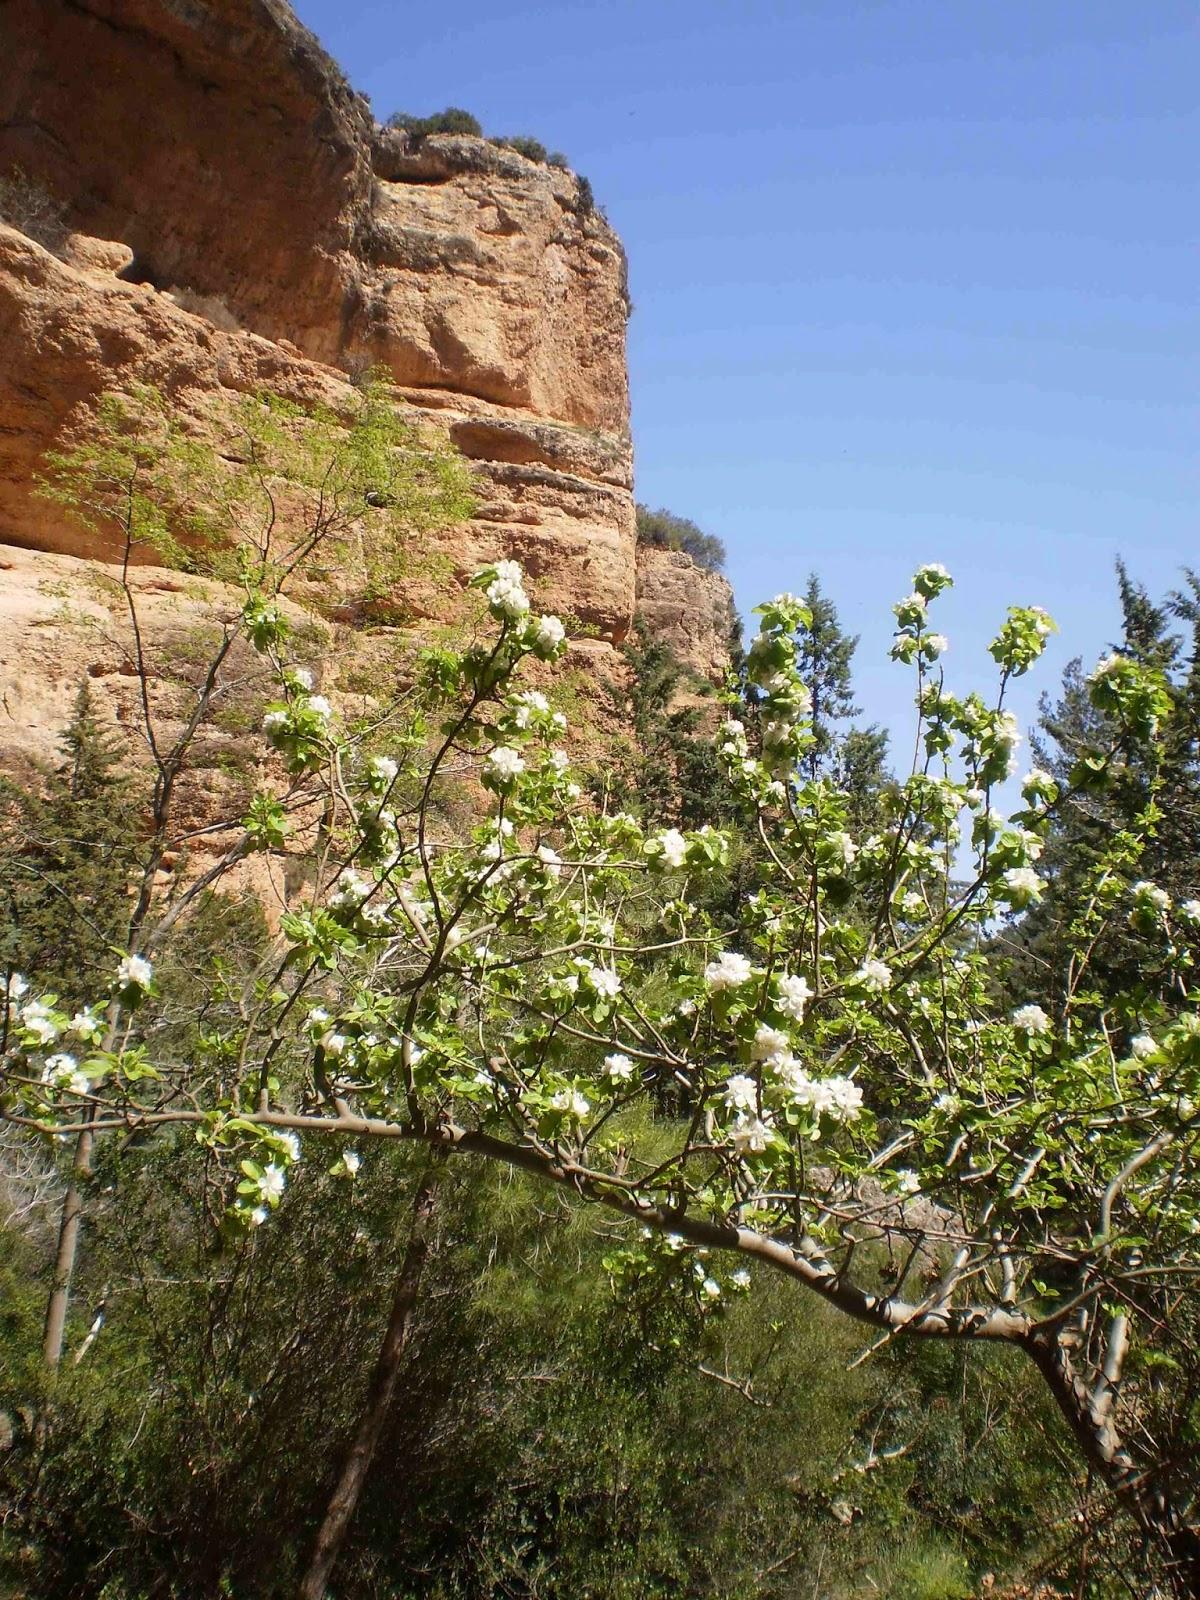 Jardineria eladio nonay primavera en el campo jardiner a - Jardineria eladio nonay ...